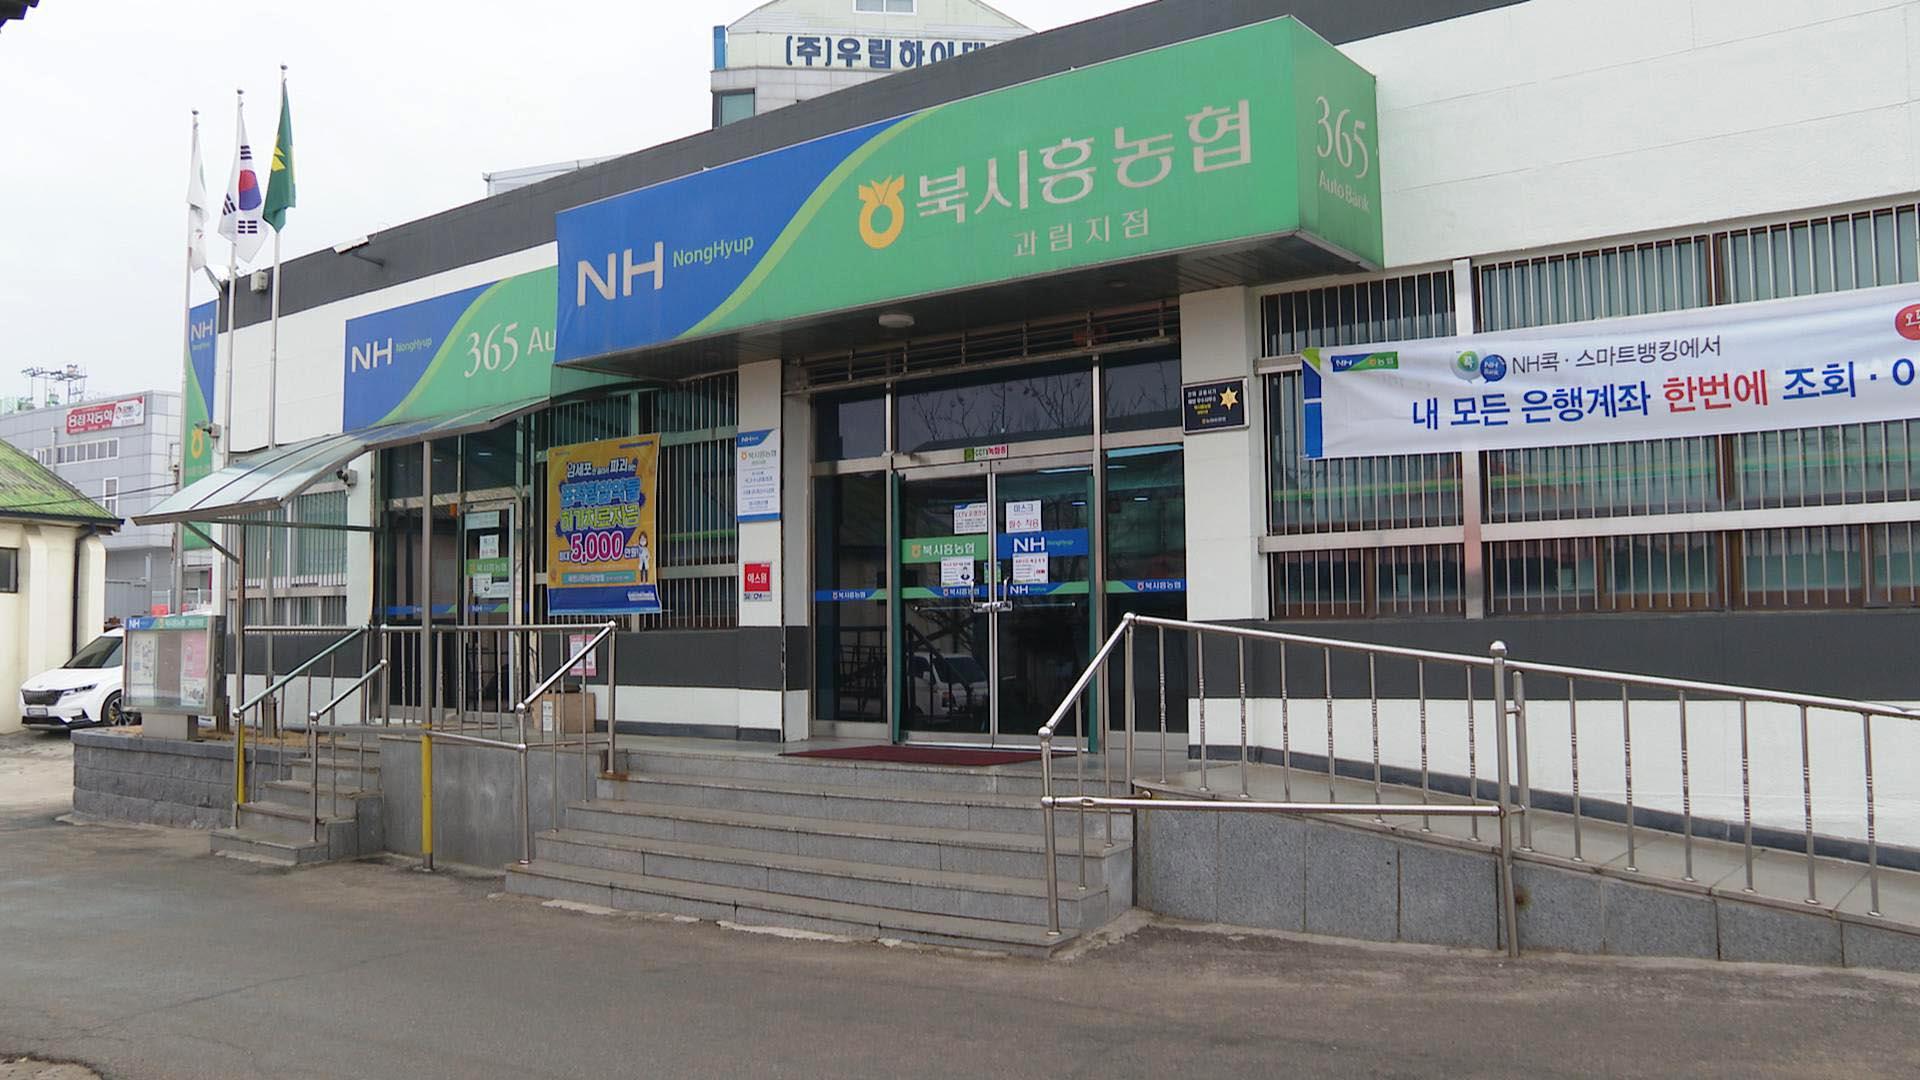 """""""북시흥농협 등서 대출시 불법의심…수사기관 통보"""""""